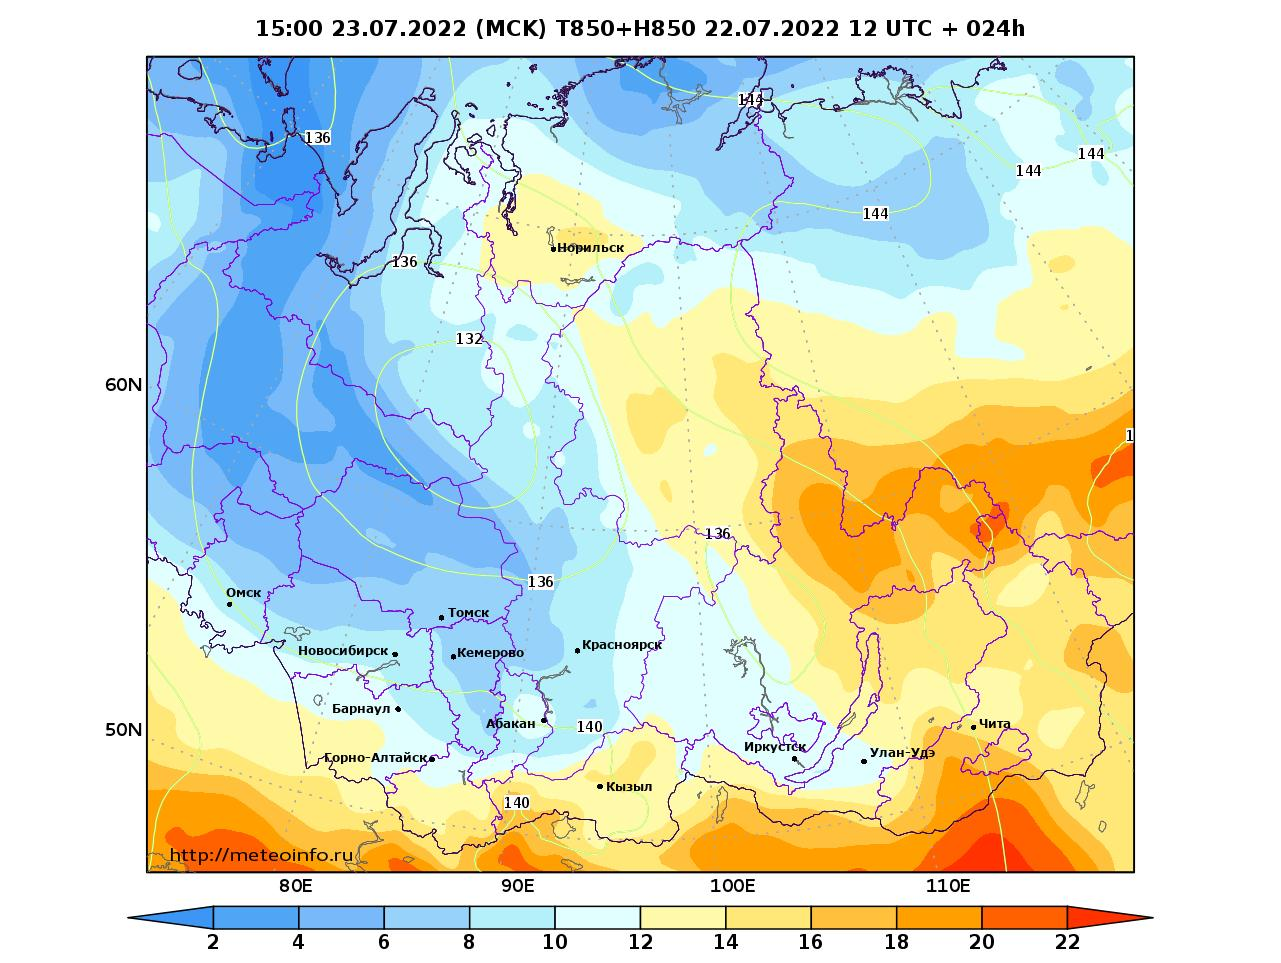 Сибирский Федеральный округ, прогностическая карта температура T850 и геопотенциал H850, заблаговременность прогноза 24 часа